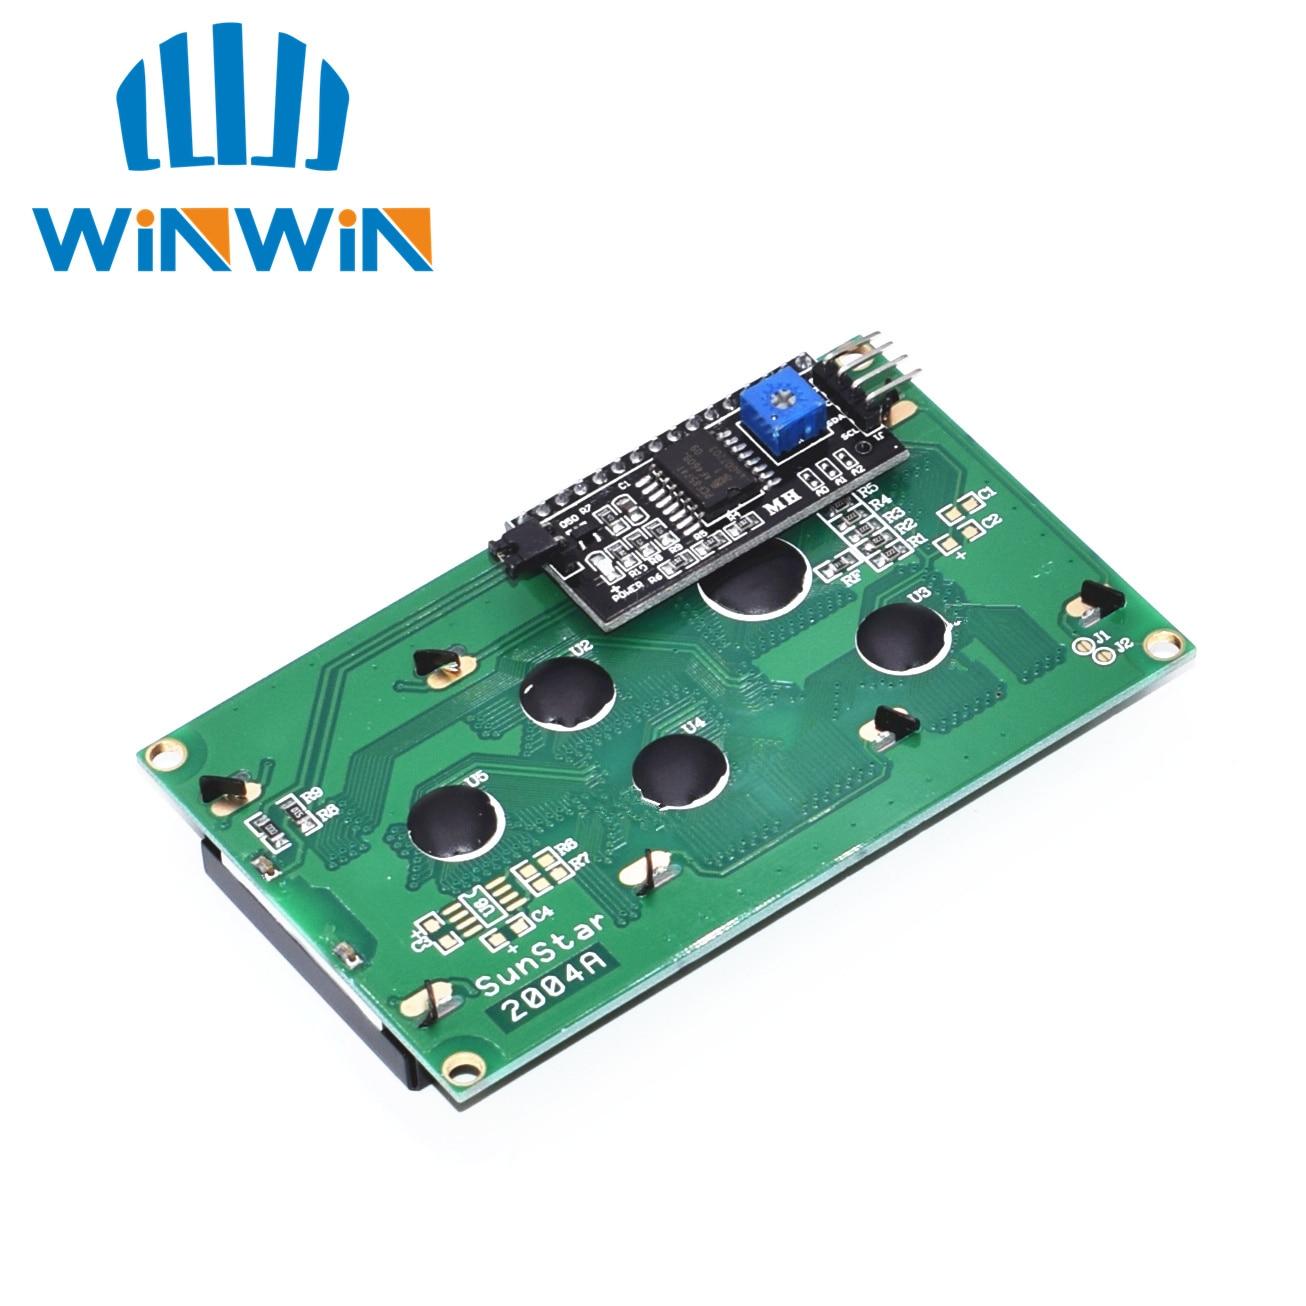 50PCS MB102 Breadboard Power Supply Module 3 3V 5V Solderless Bread Board For Arduino DIY Voltage